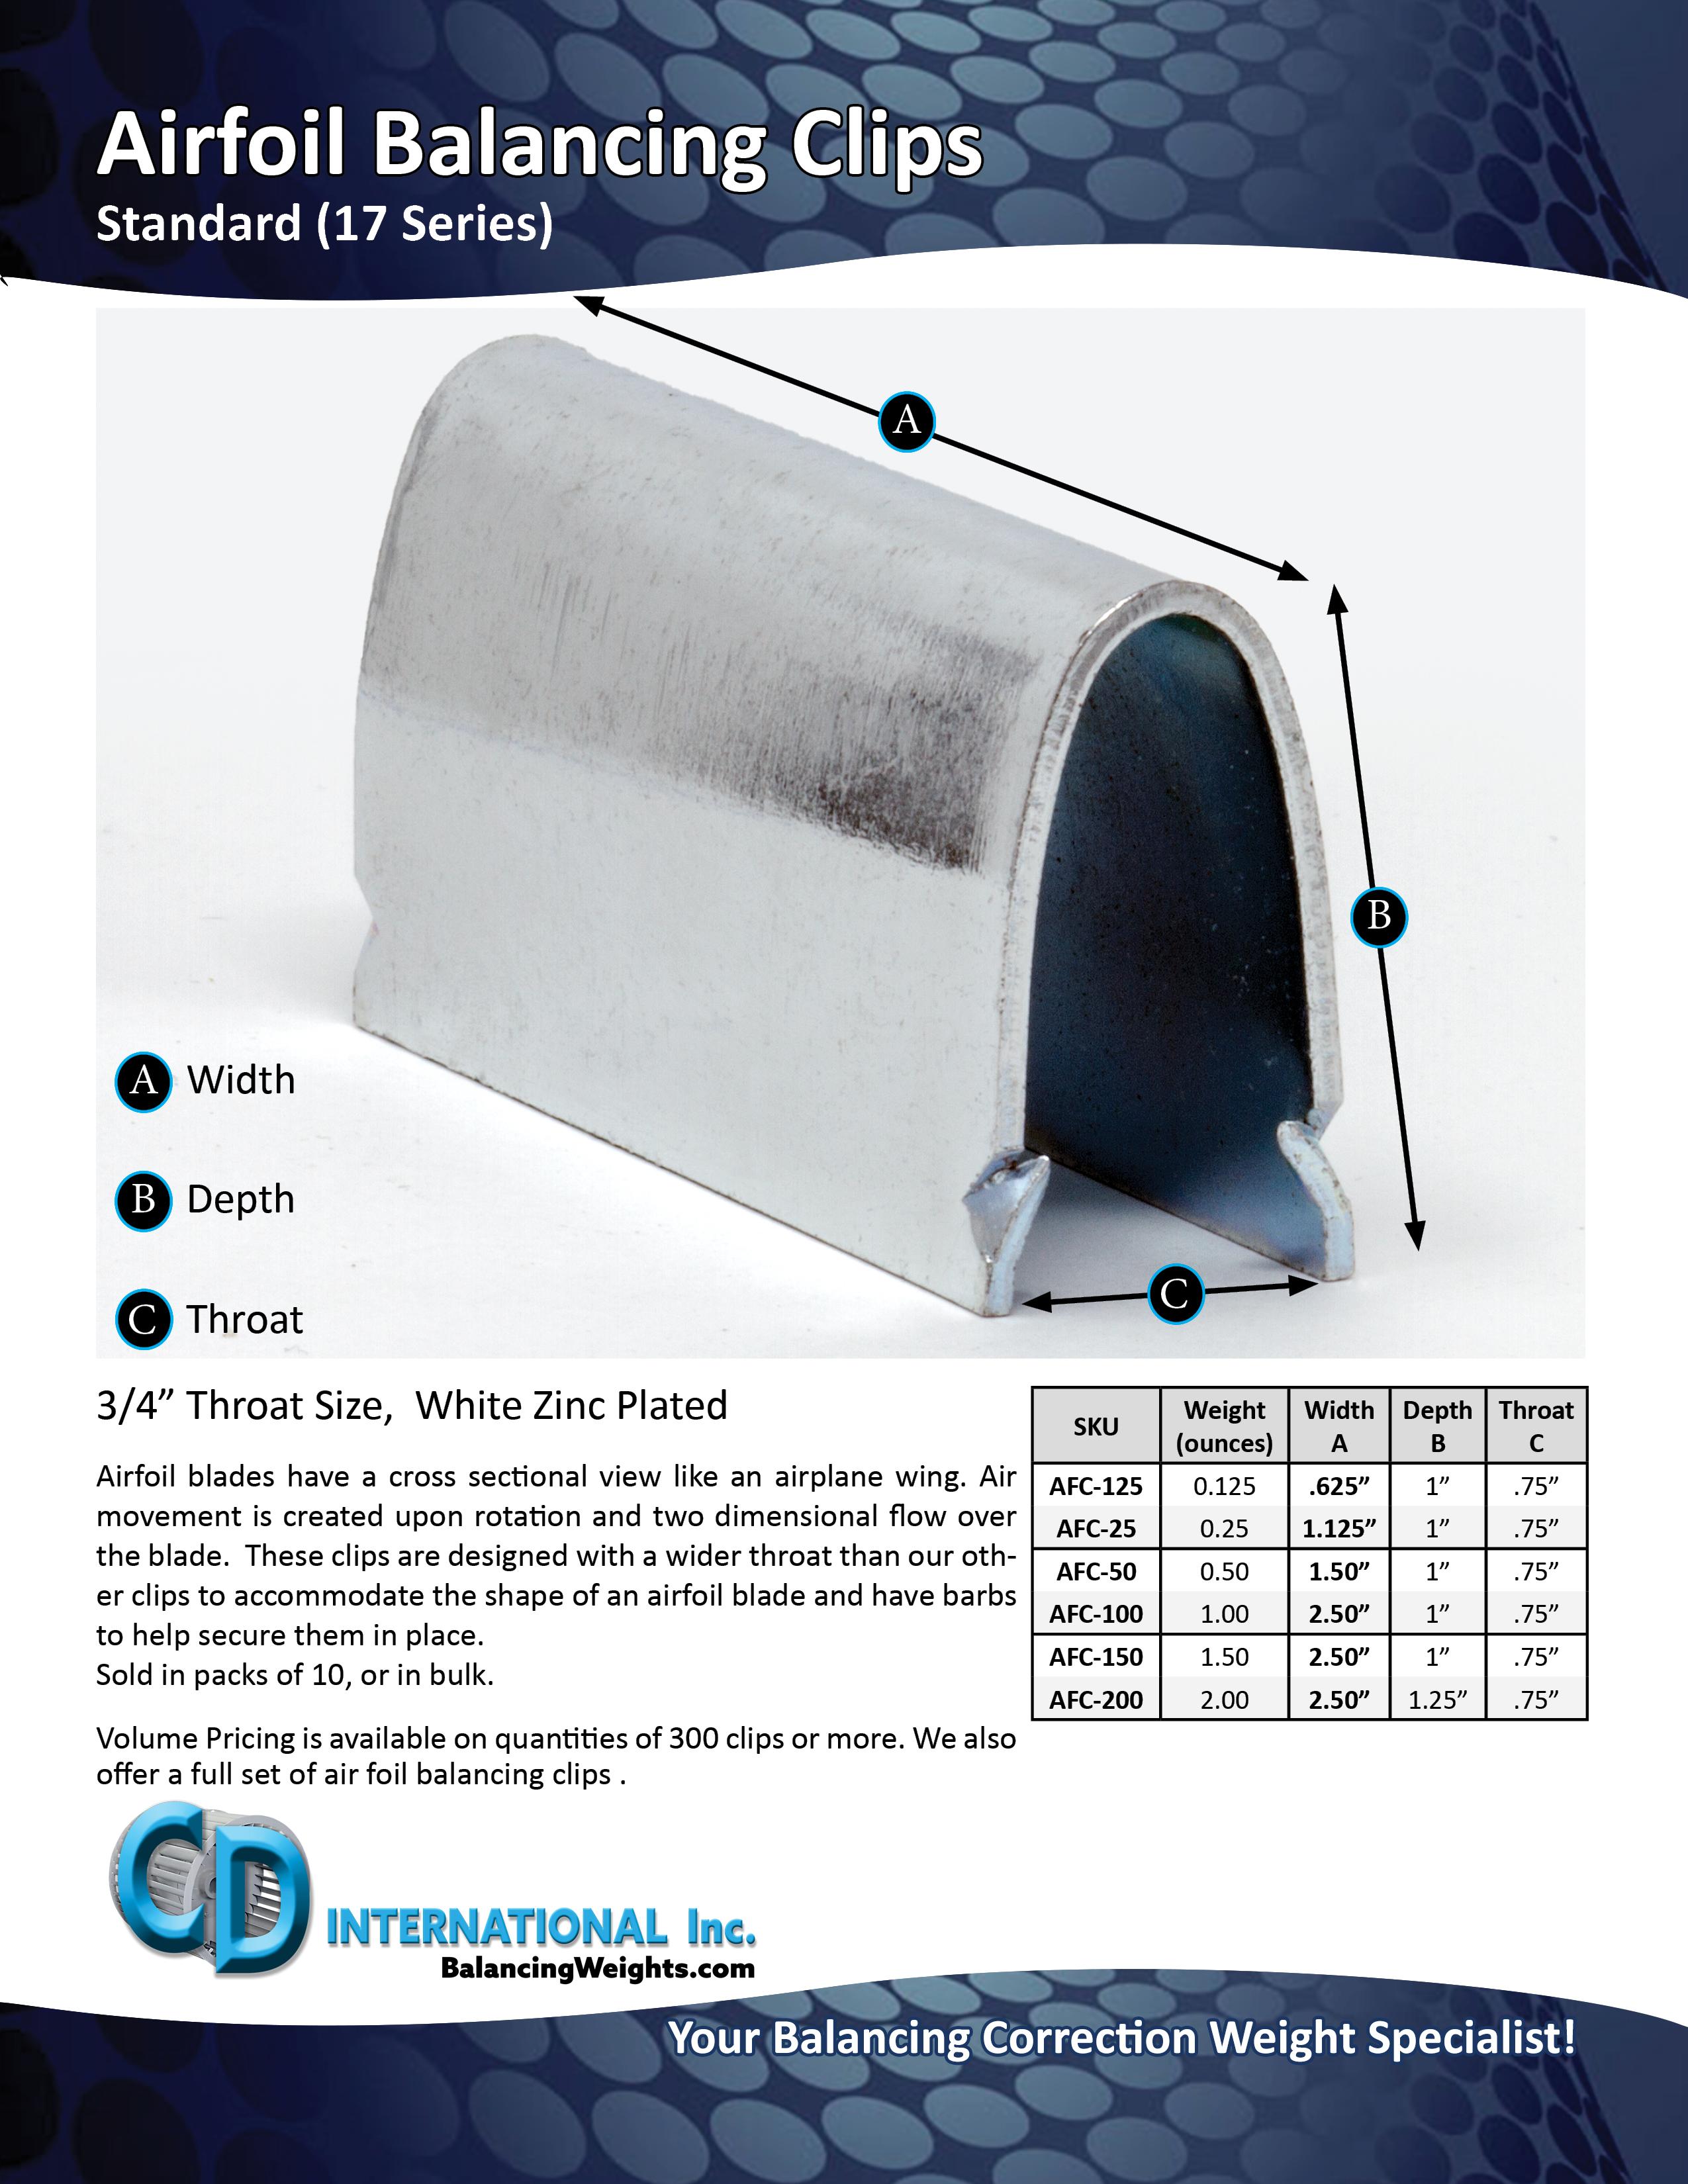 standard-afc-spec-sheets